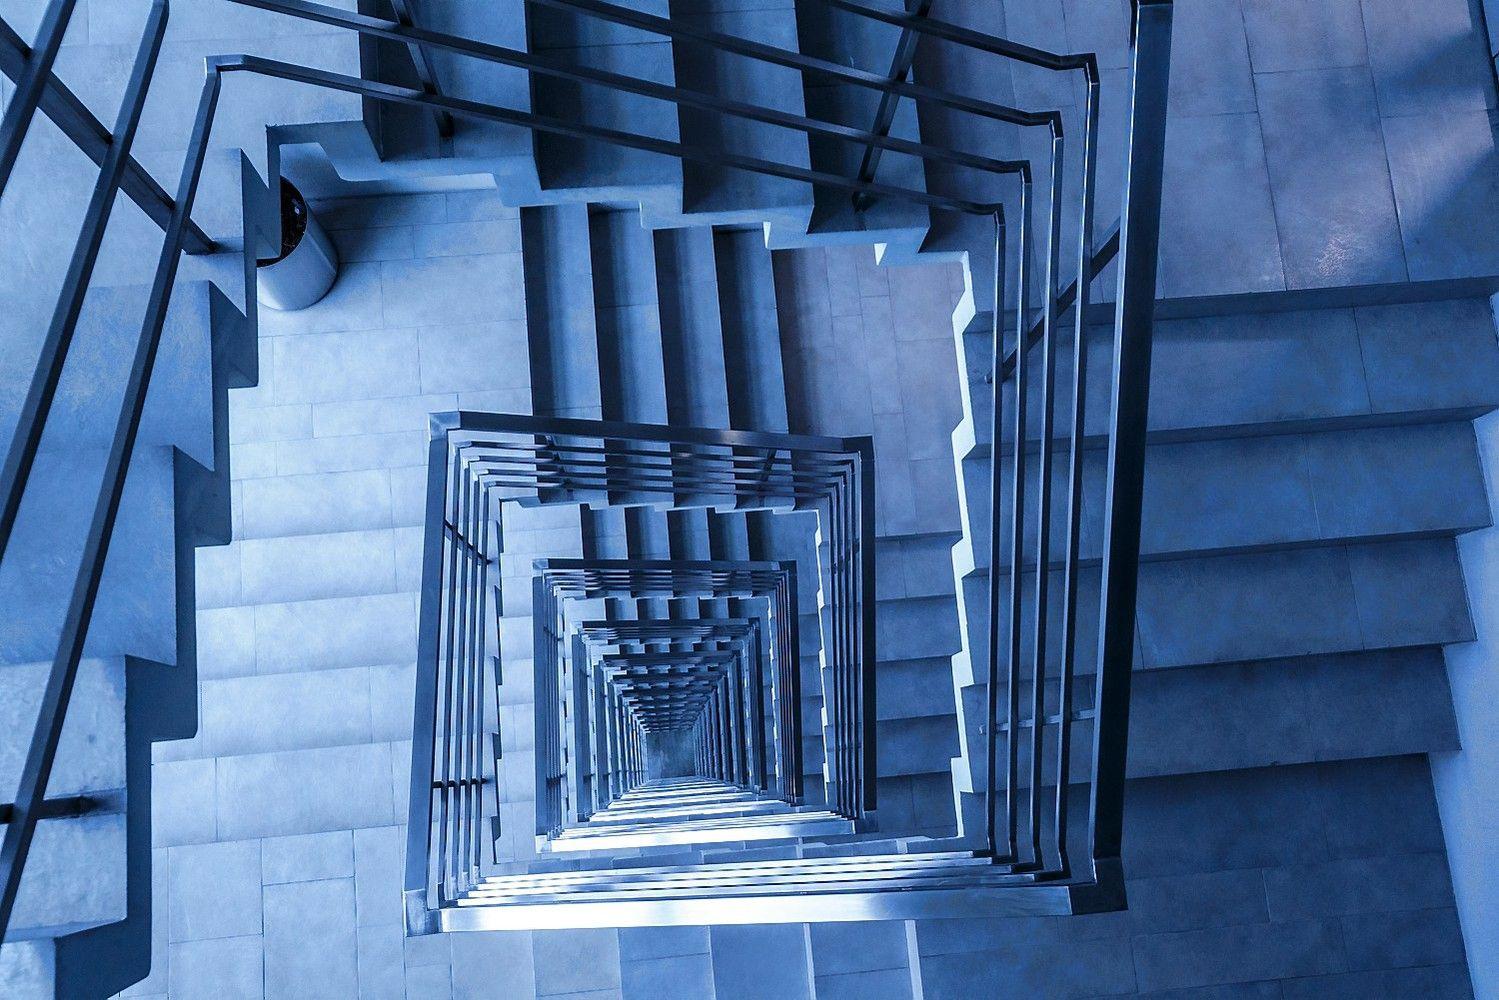 Karjeros laiptais kopti nebenori, svarbiau išreikšti gebėjimus